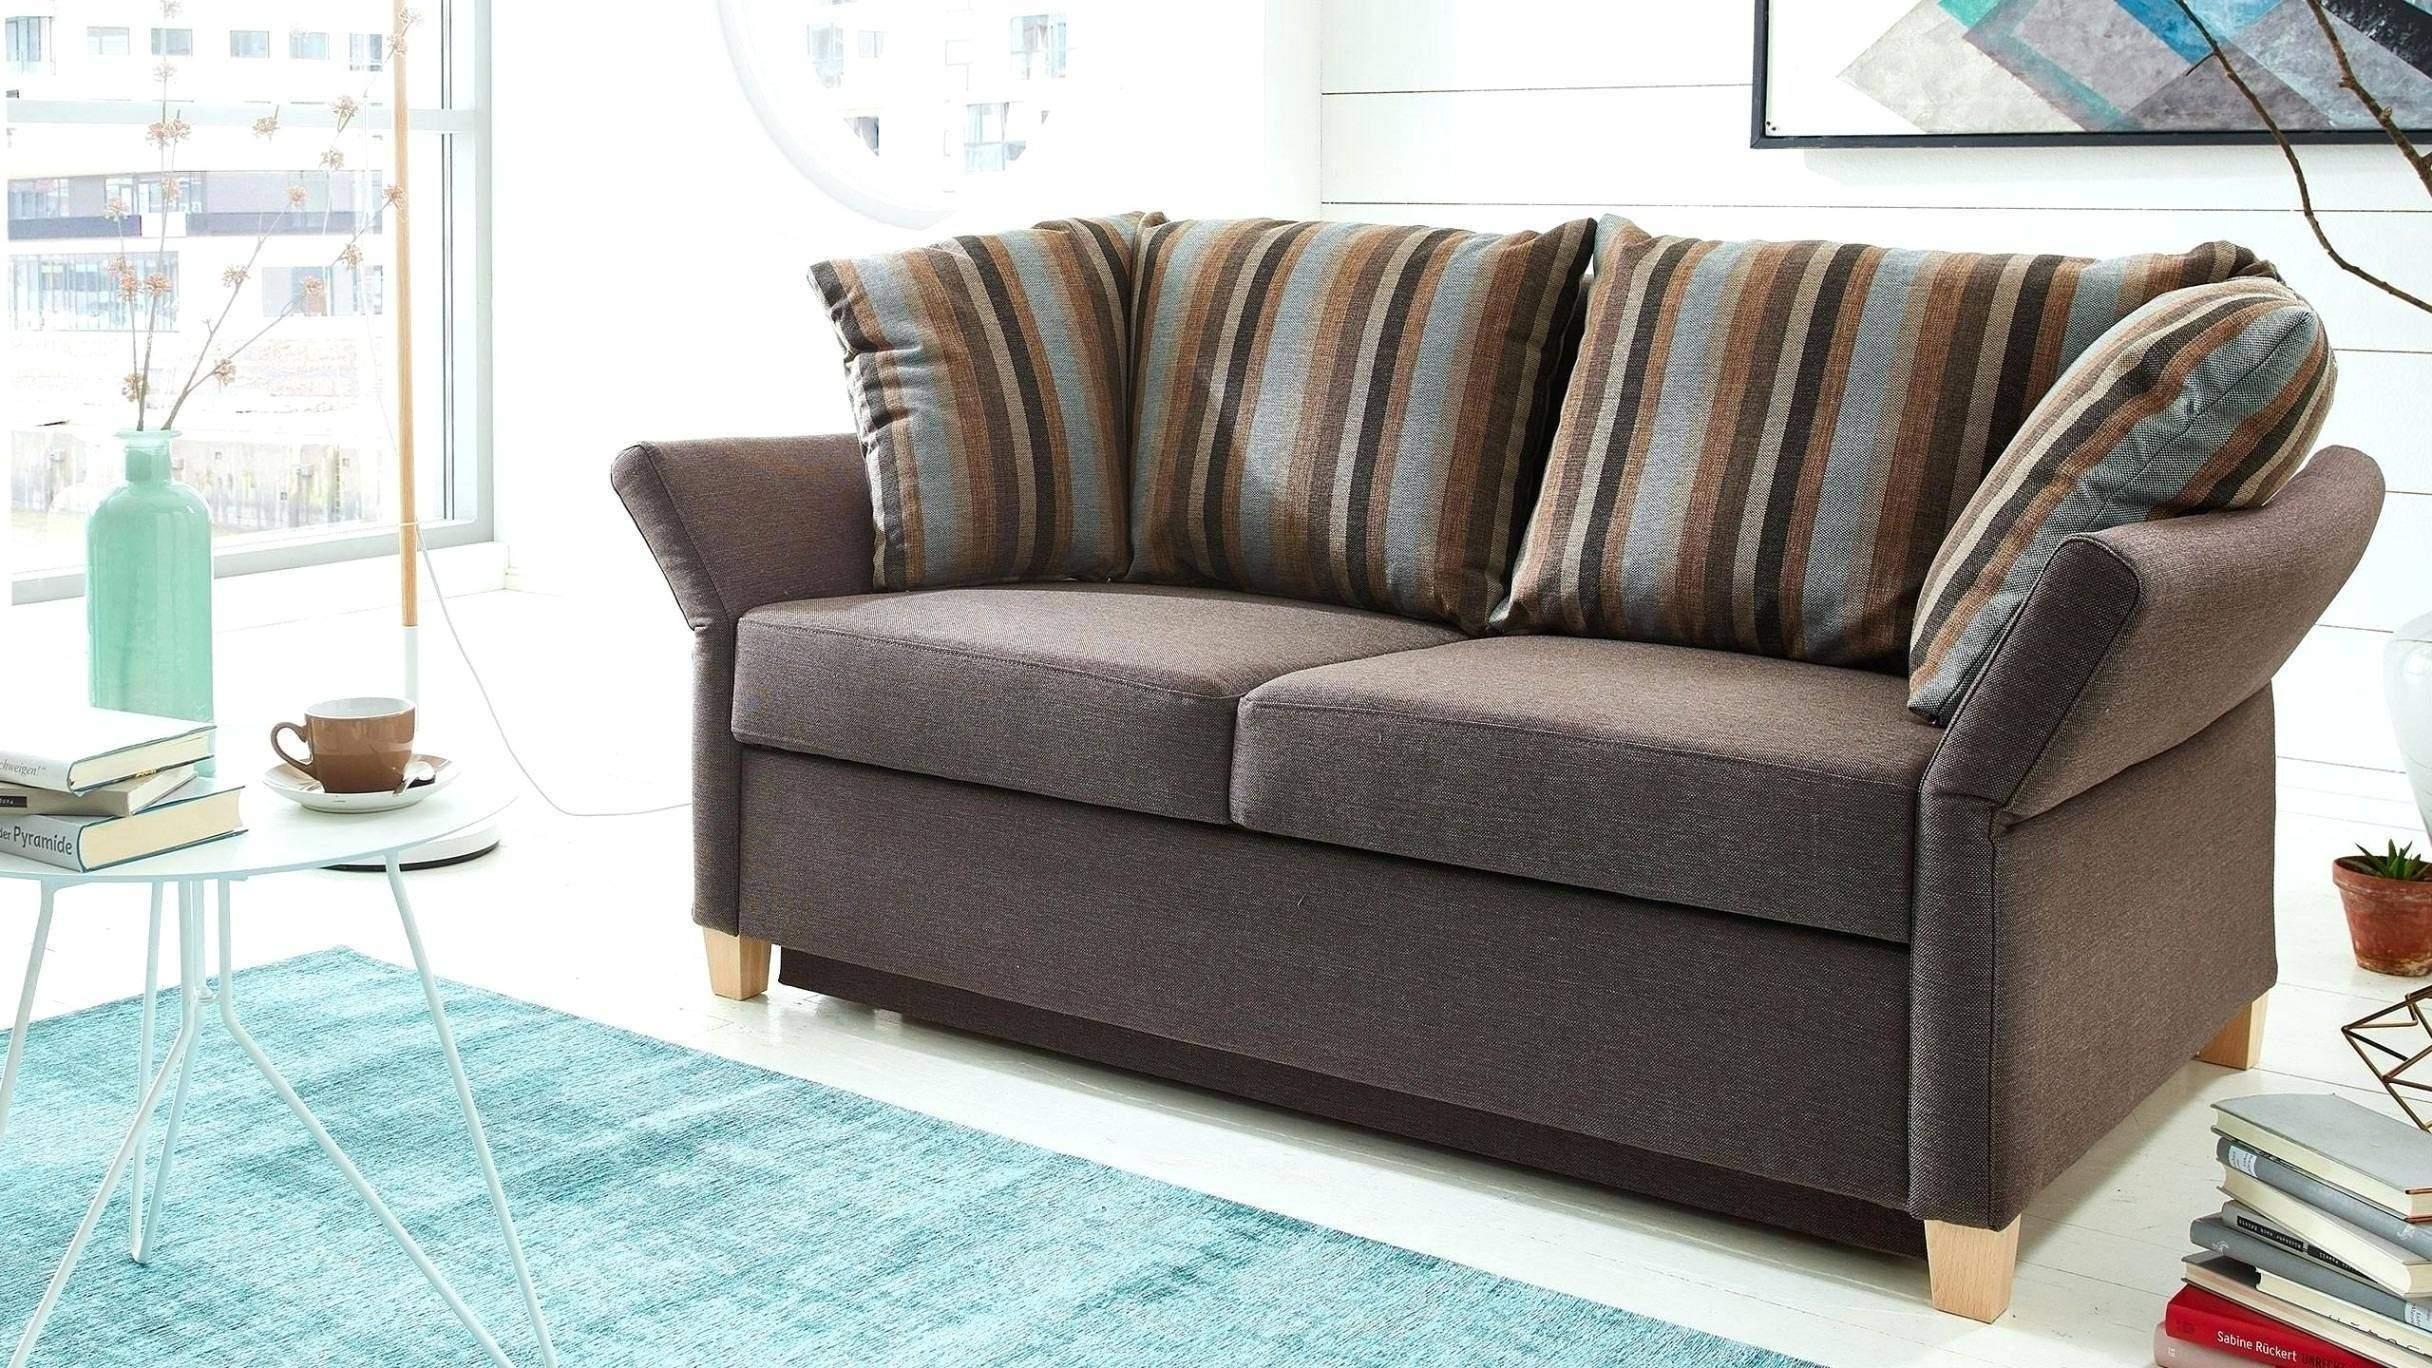 Full Size of Liegestuhl Für Wohnzimmer Sofa Kleines Wandtattoo Heizkörper Bad Betten übergewichtige Tapeten Ideen Teppiche Deckenstrahler Wasserhahn Küche Stehlampe Wohnzimmer Liegestuhl Für Wohnzimmer